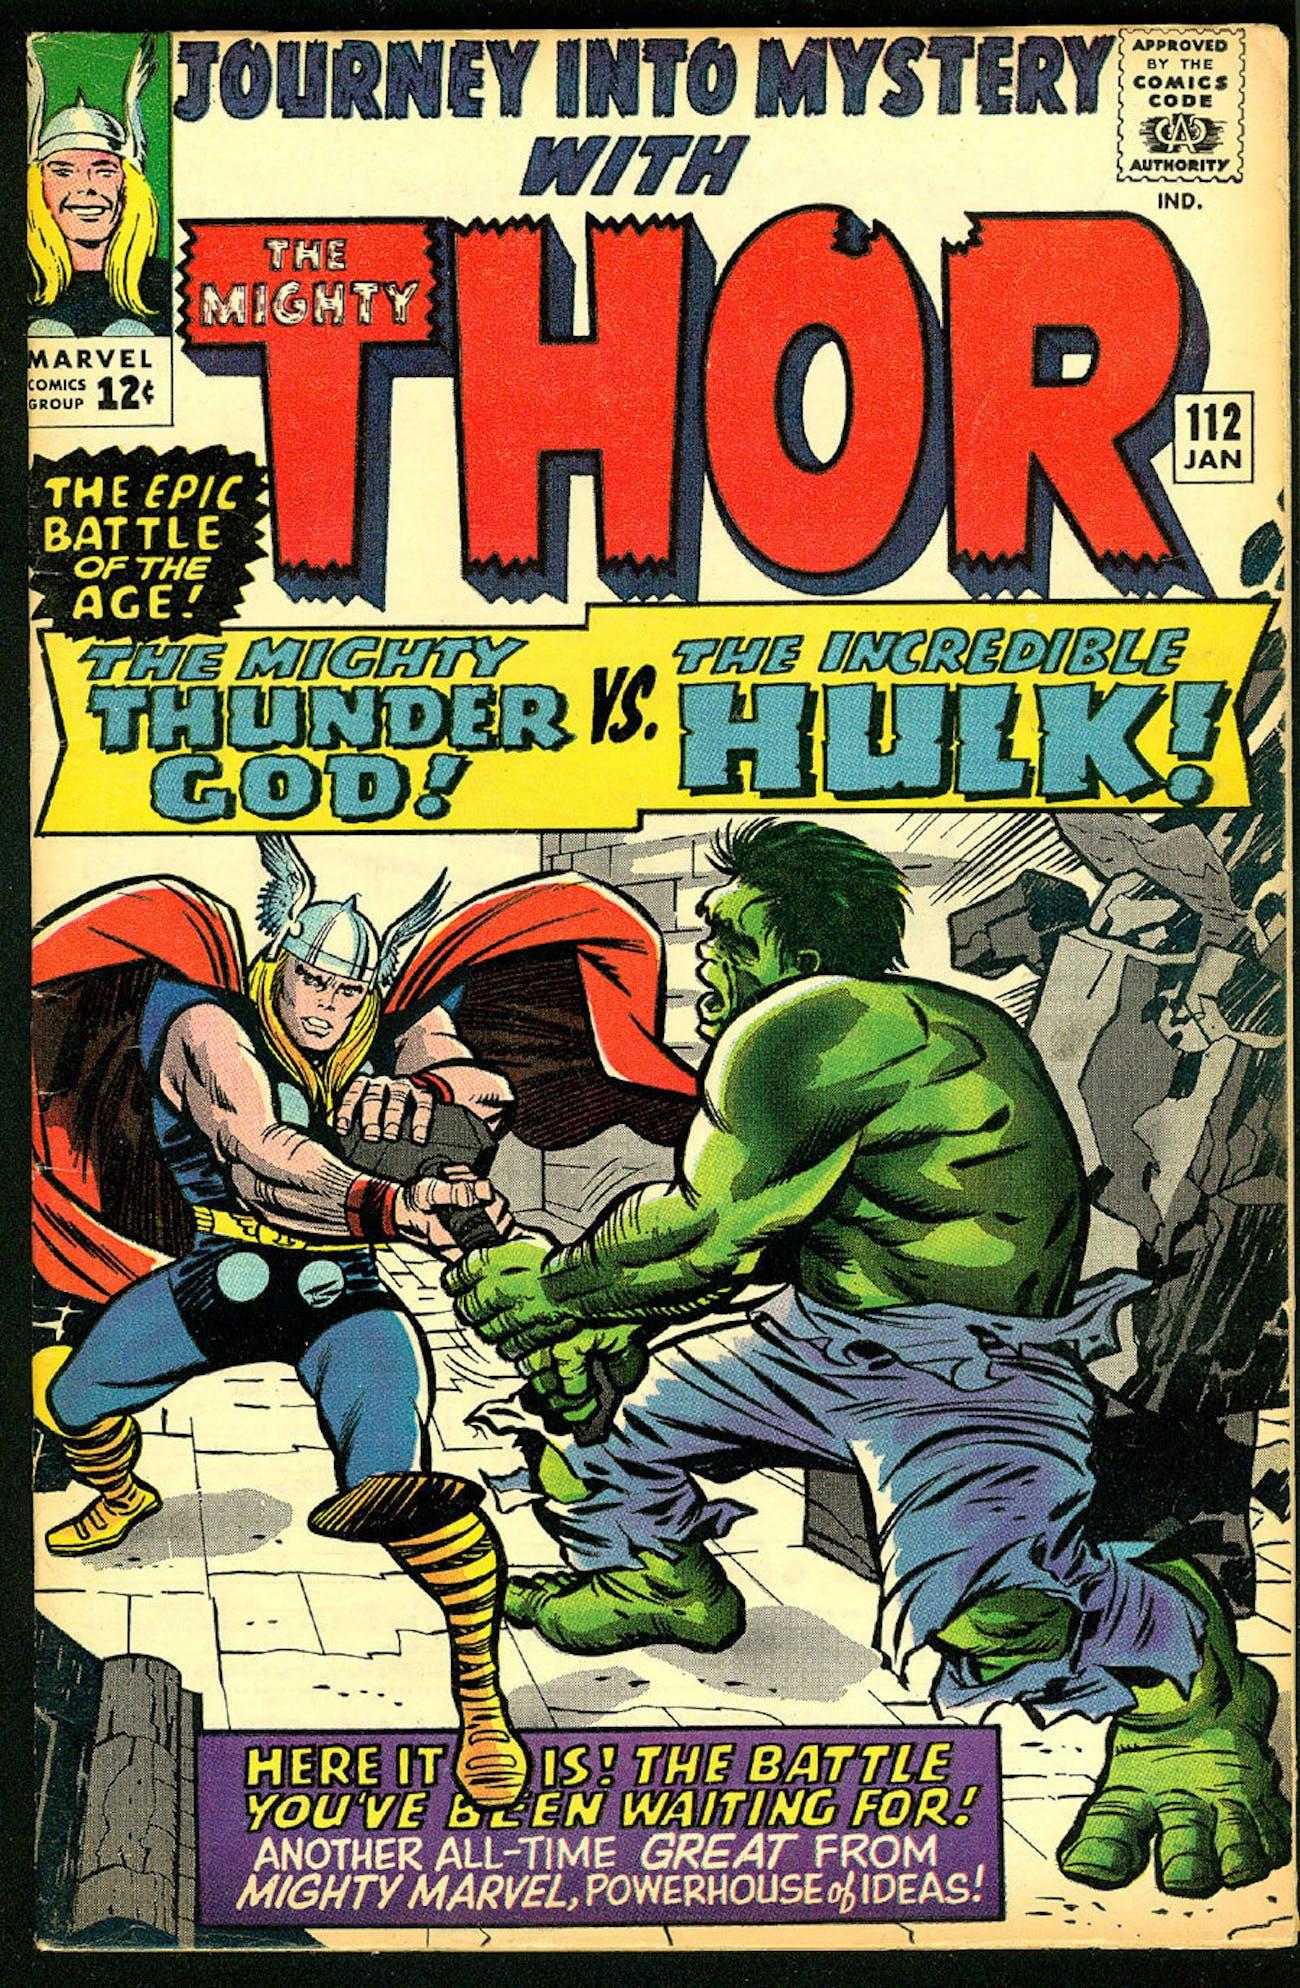 Thor Hulk Ragnarok